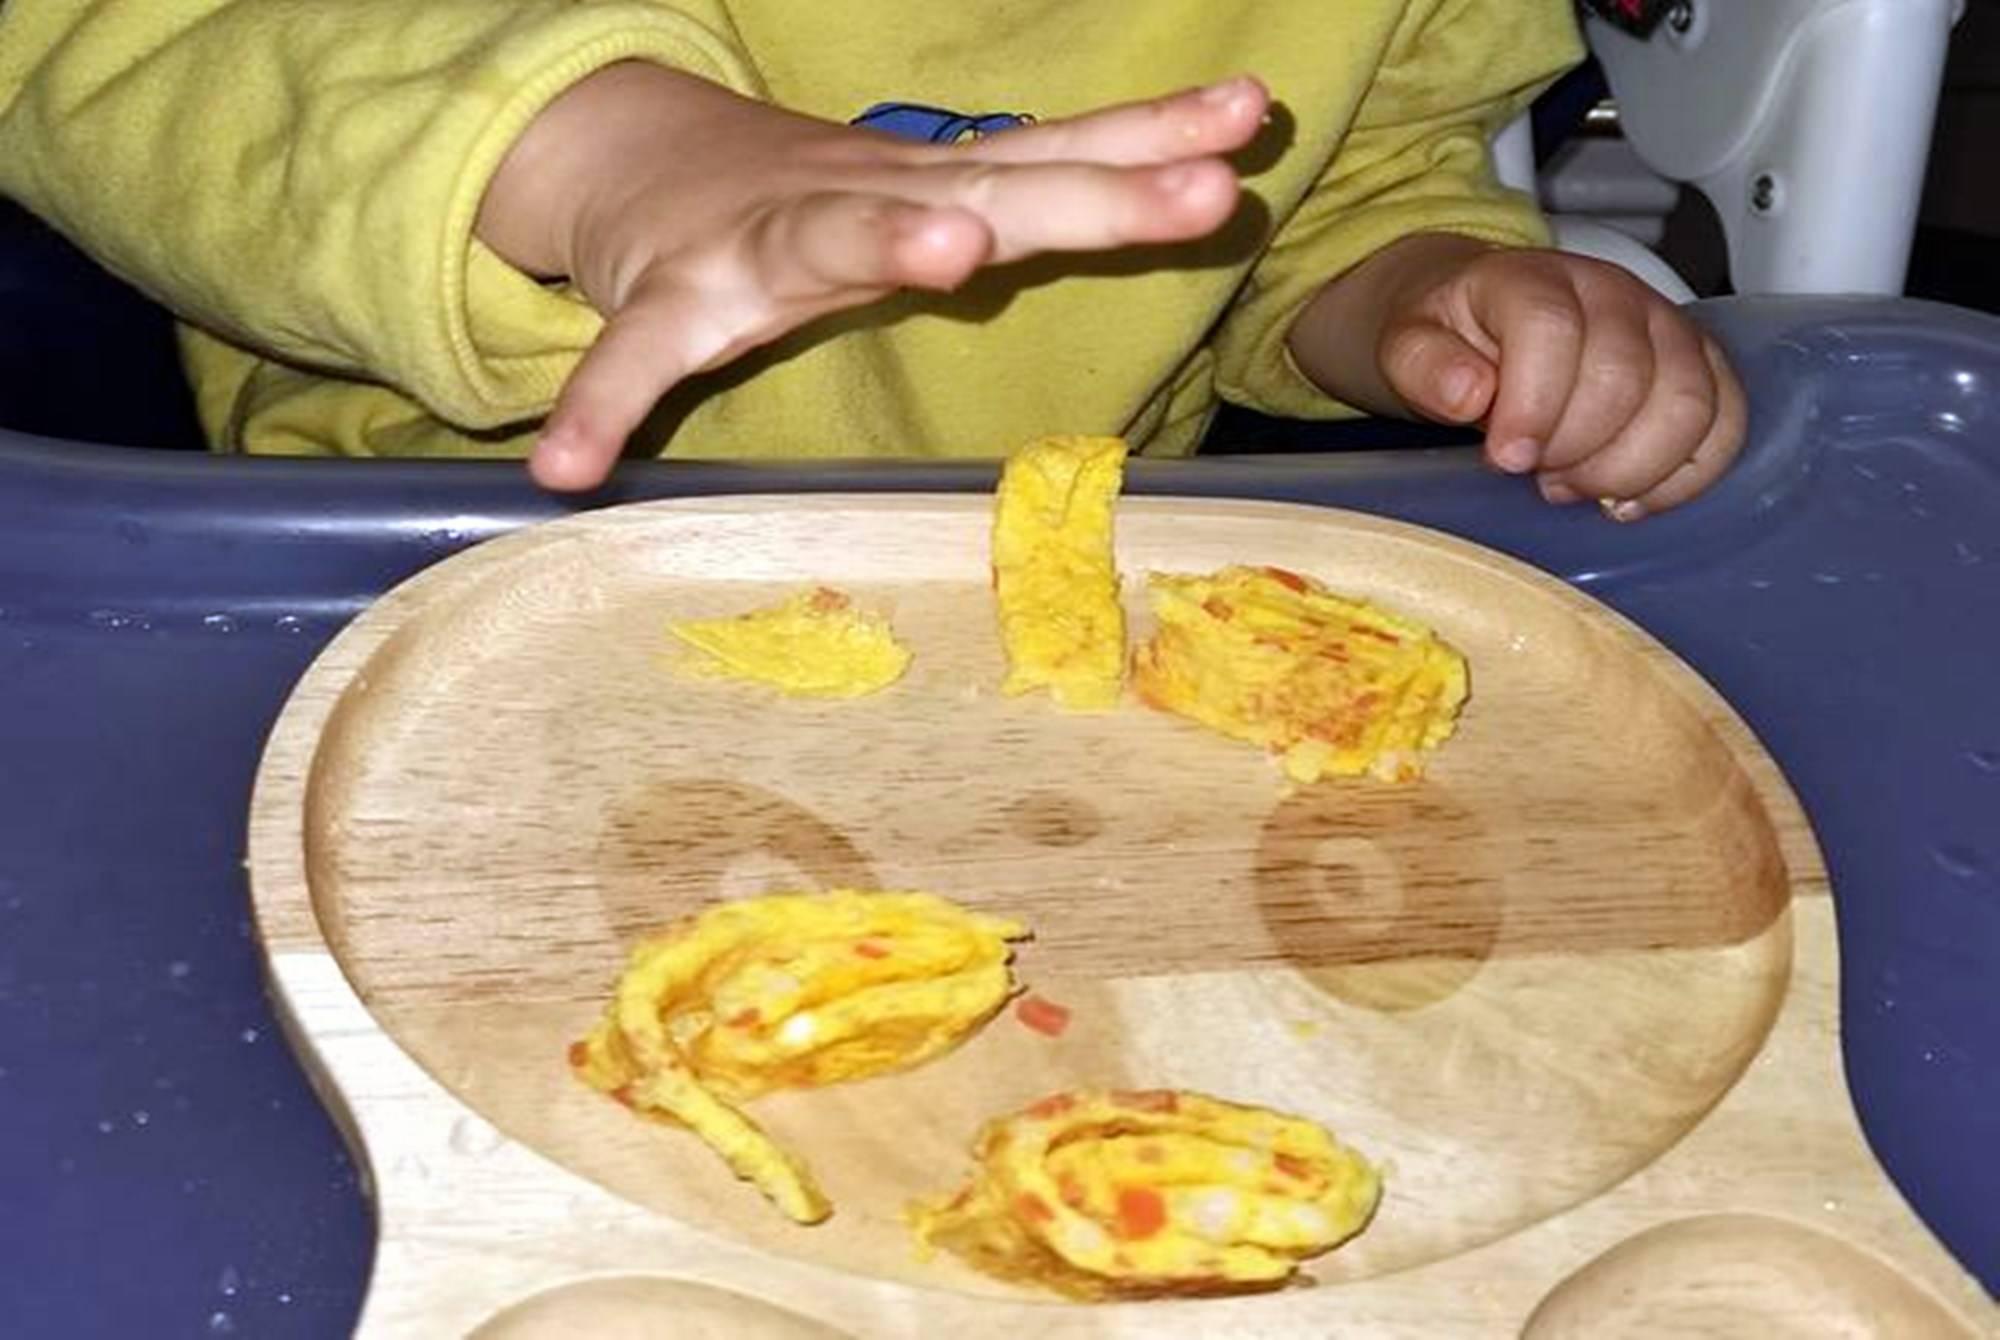 """孩子两岁前能吃""""大人饭""""吗?儿科医生:三岁前吃都算""""毒辅食""""  第6张"""